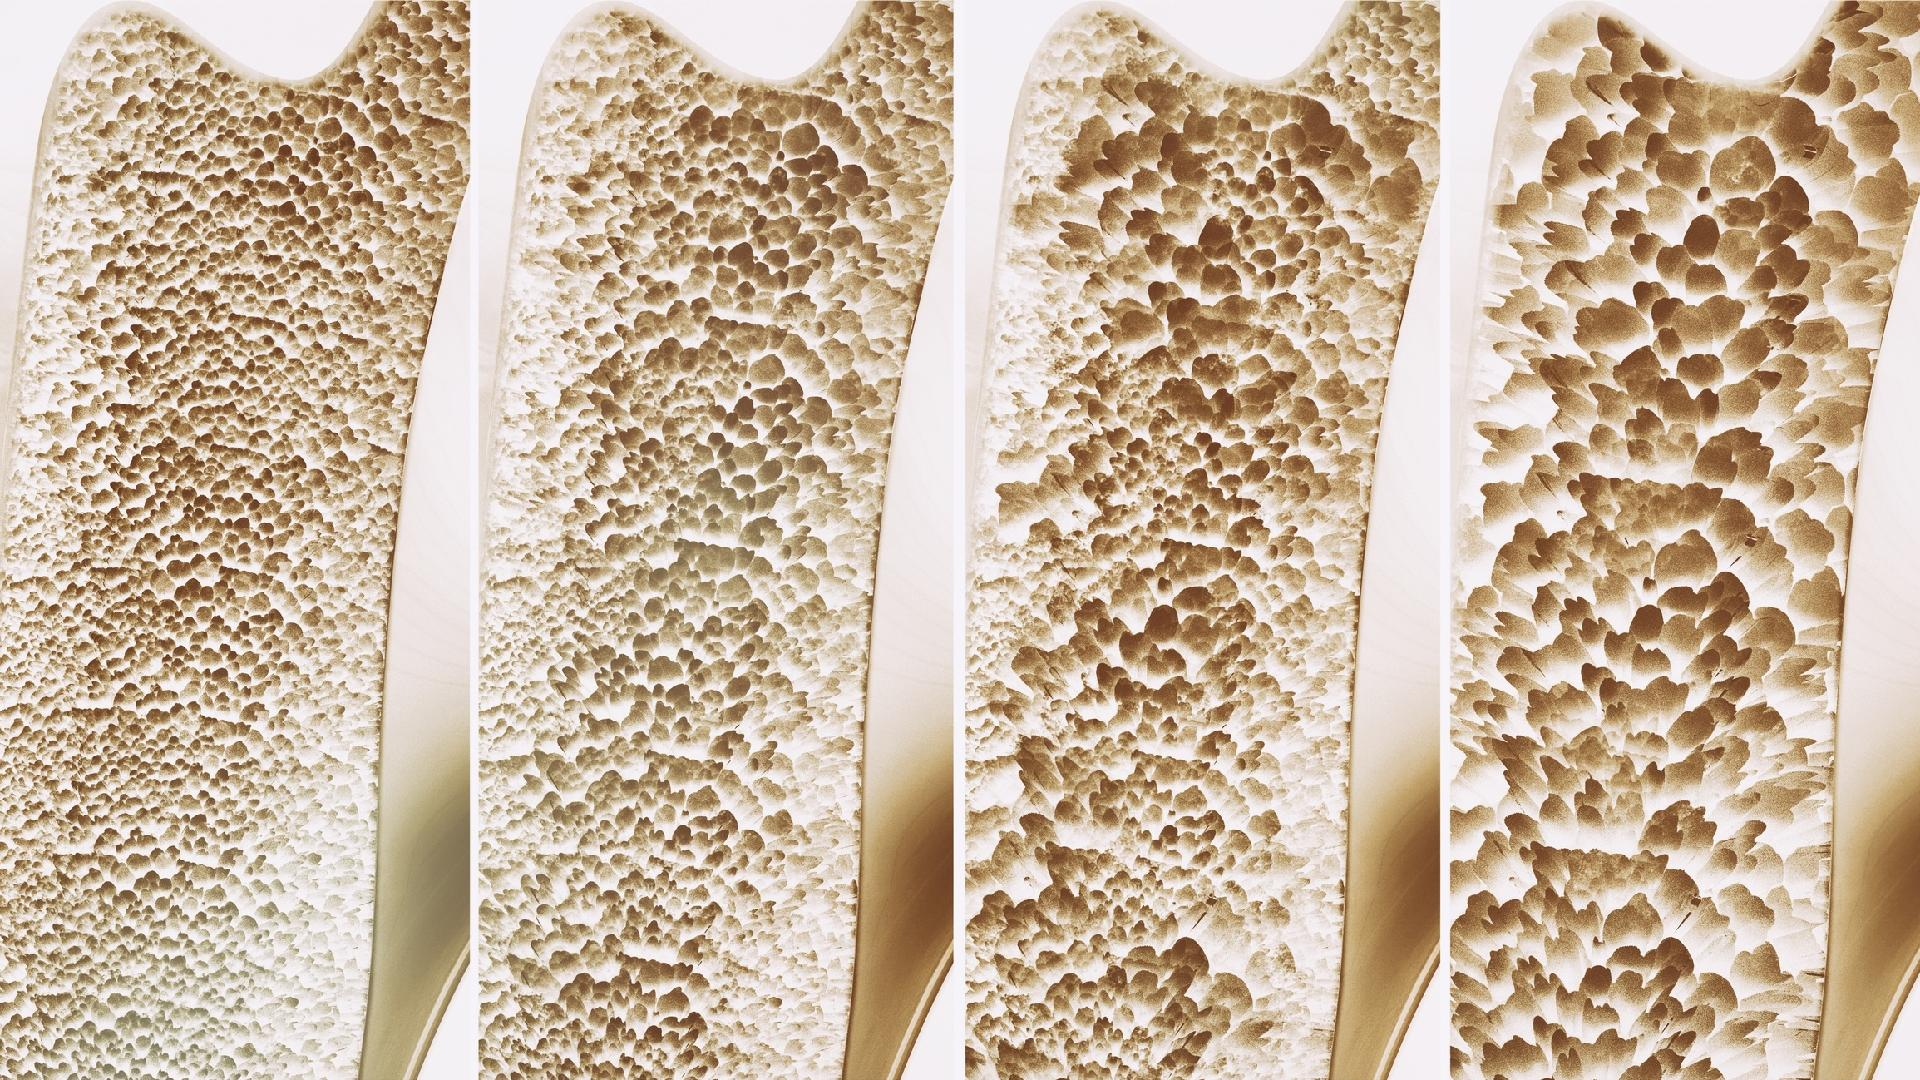 osteoporose, Osteoporose: saiba mais sobre a doença, Abreu Cardiologia, Abreu Cardiologia